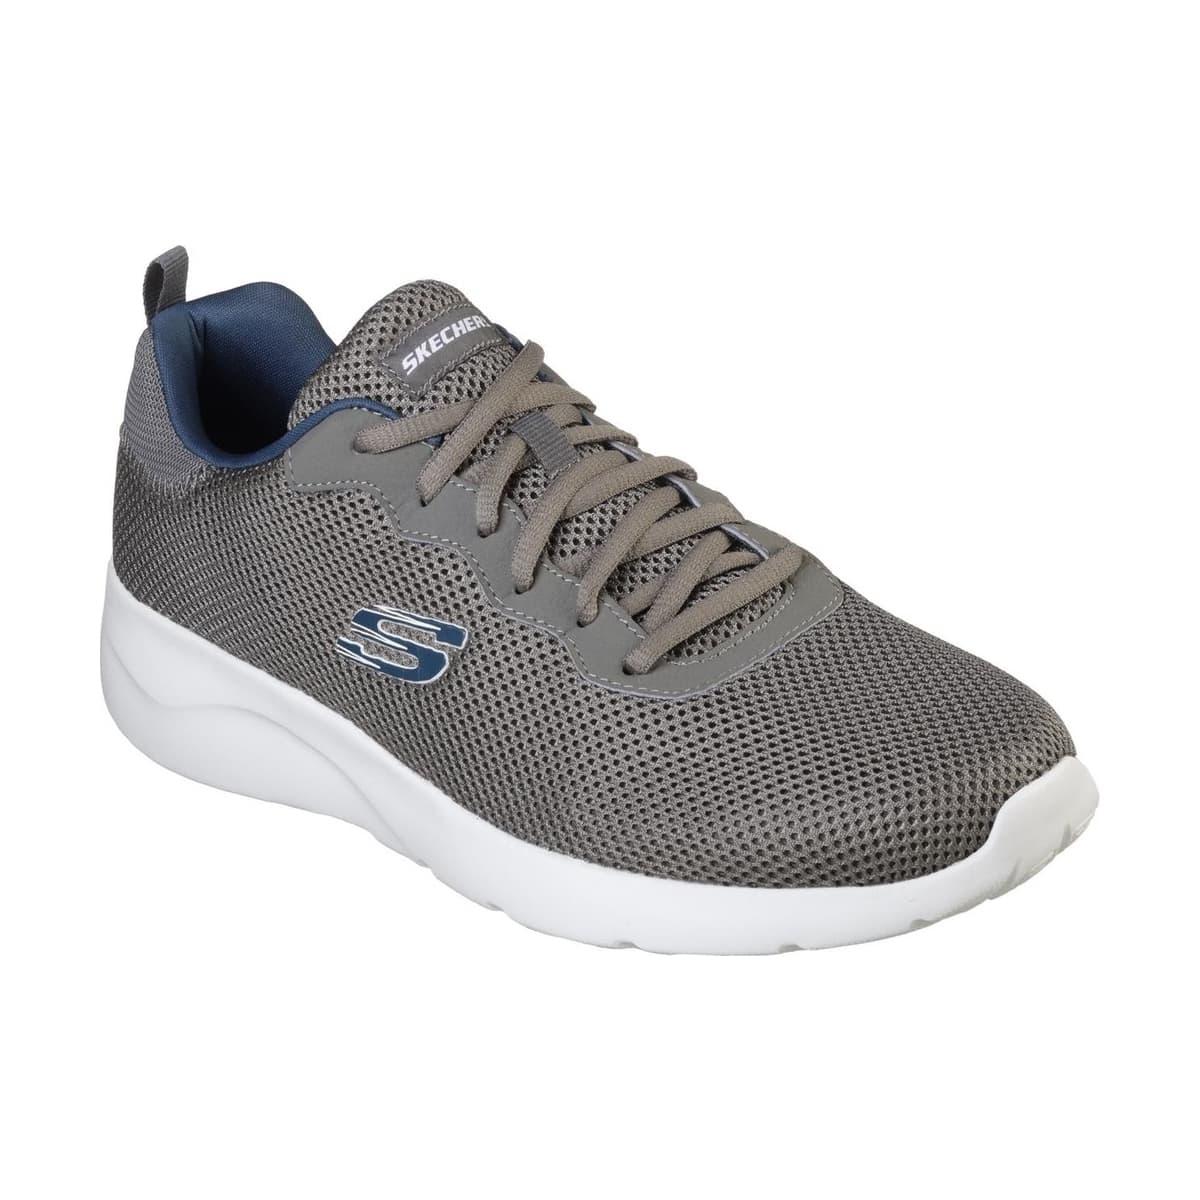 Dynamight 2.0- Rayhill Erkek Gri Spor Ayakkabı